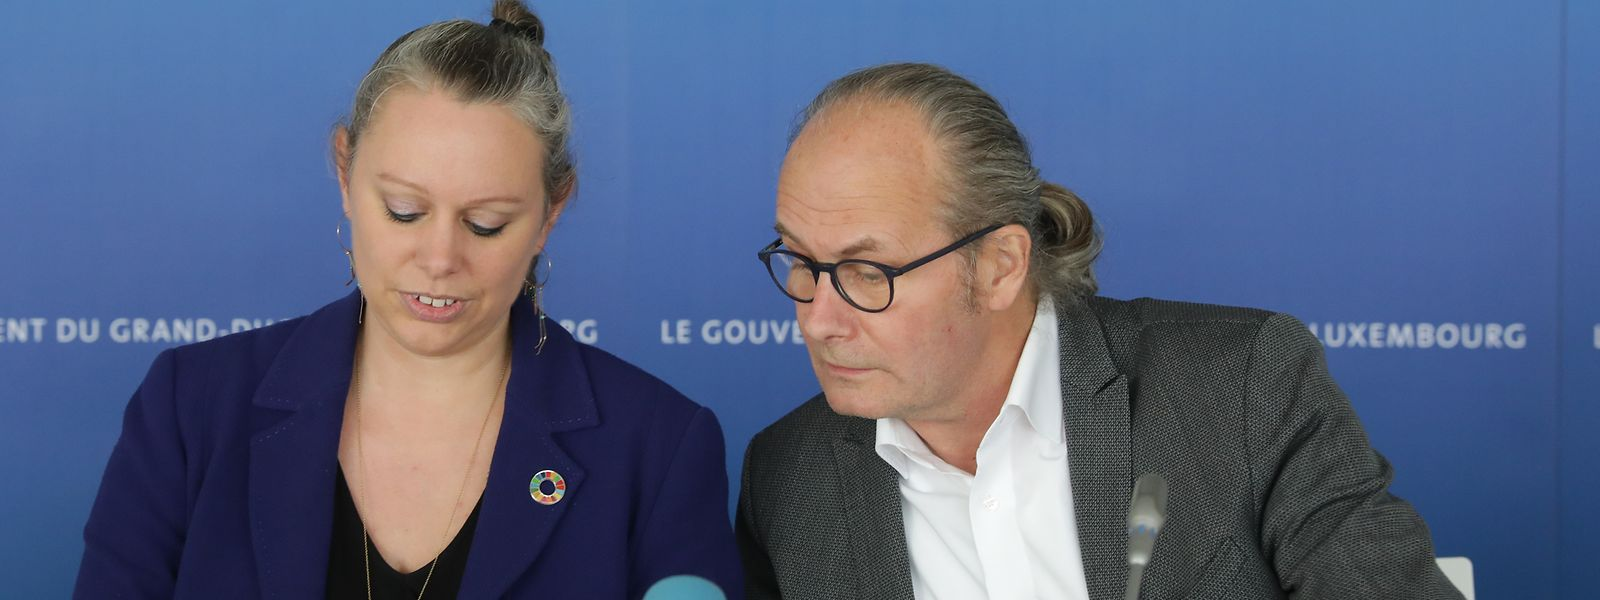 Federführend: Die Grünen-Minister Carole Dieschbourg (Klima) und Claude Turmes (Energie).